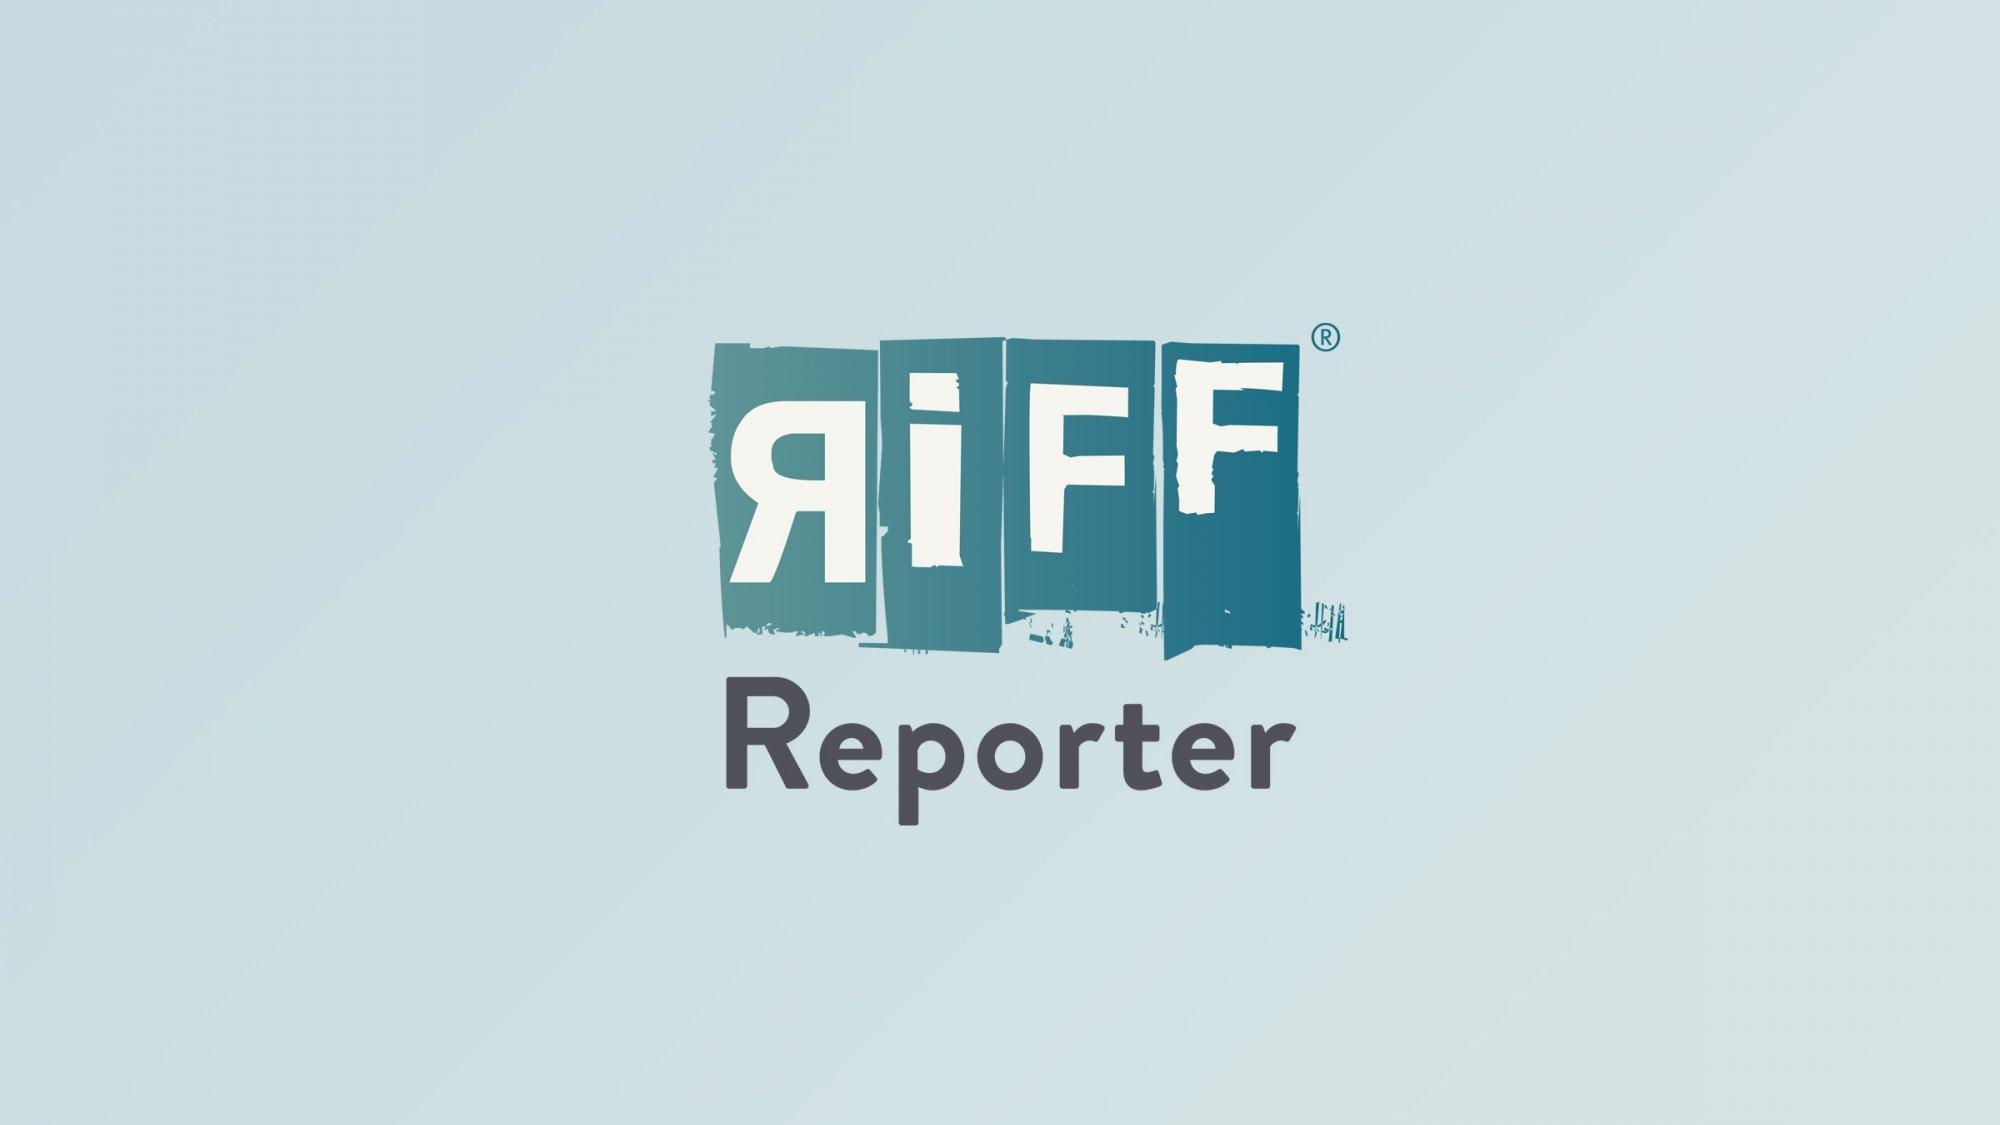 Potrtätfoto Julia Thöring vor einer Stadtkulisse.